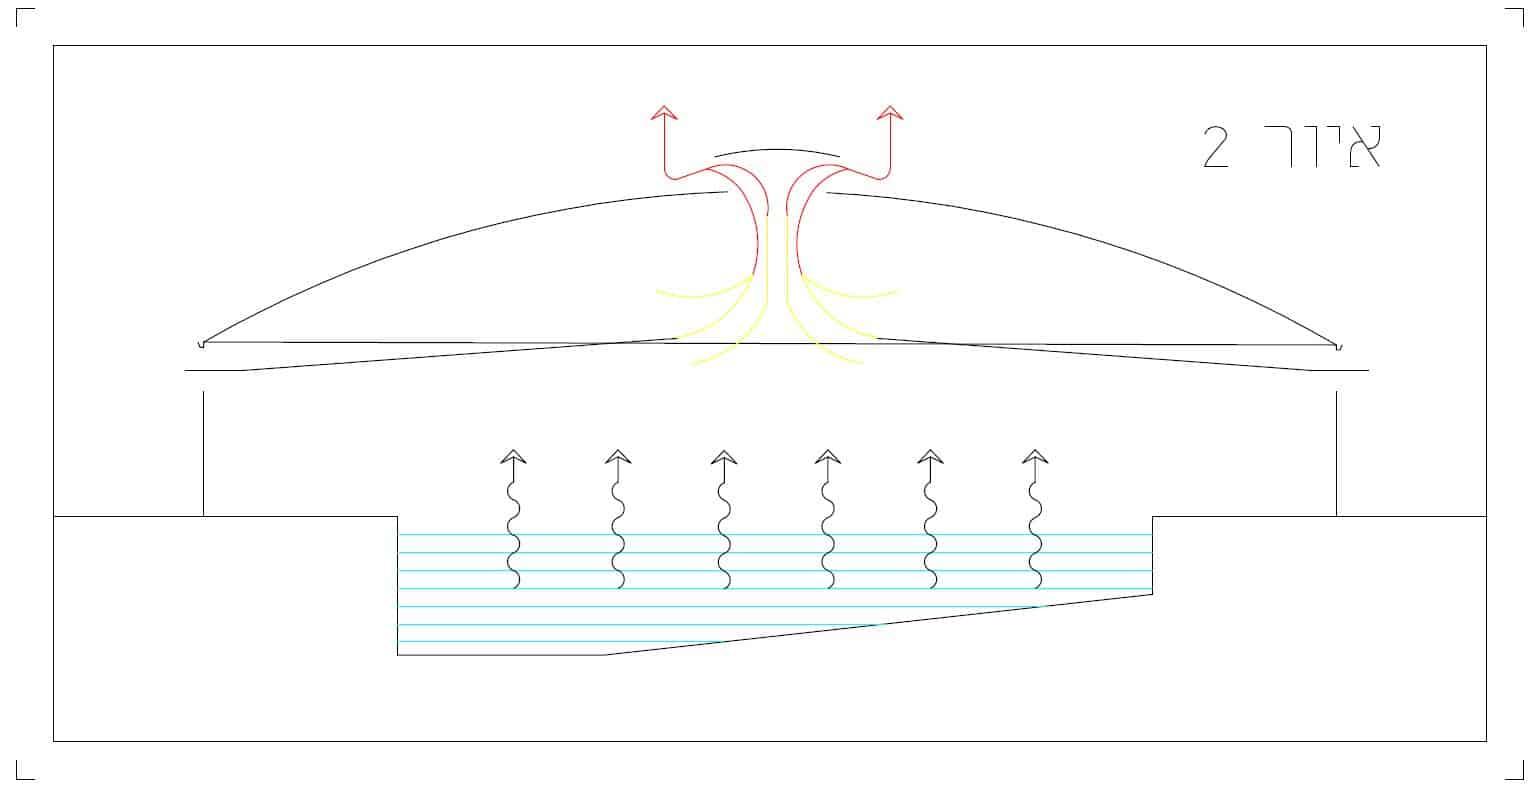 איור 2 קמרונות - פלזית פוליגל | לוחות פוליגל ופוליקרבונט | ®Plazit Polygal היתרון של פתח אוורור מרכזי בכלל ופרט בבריכות השחייה